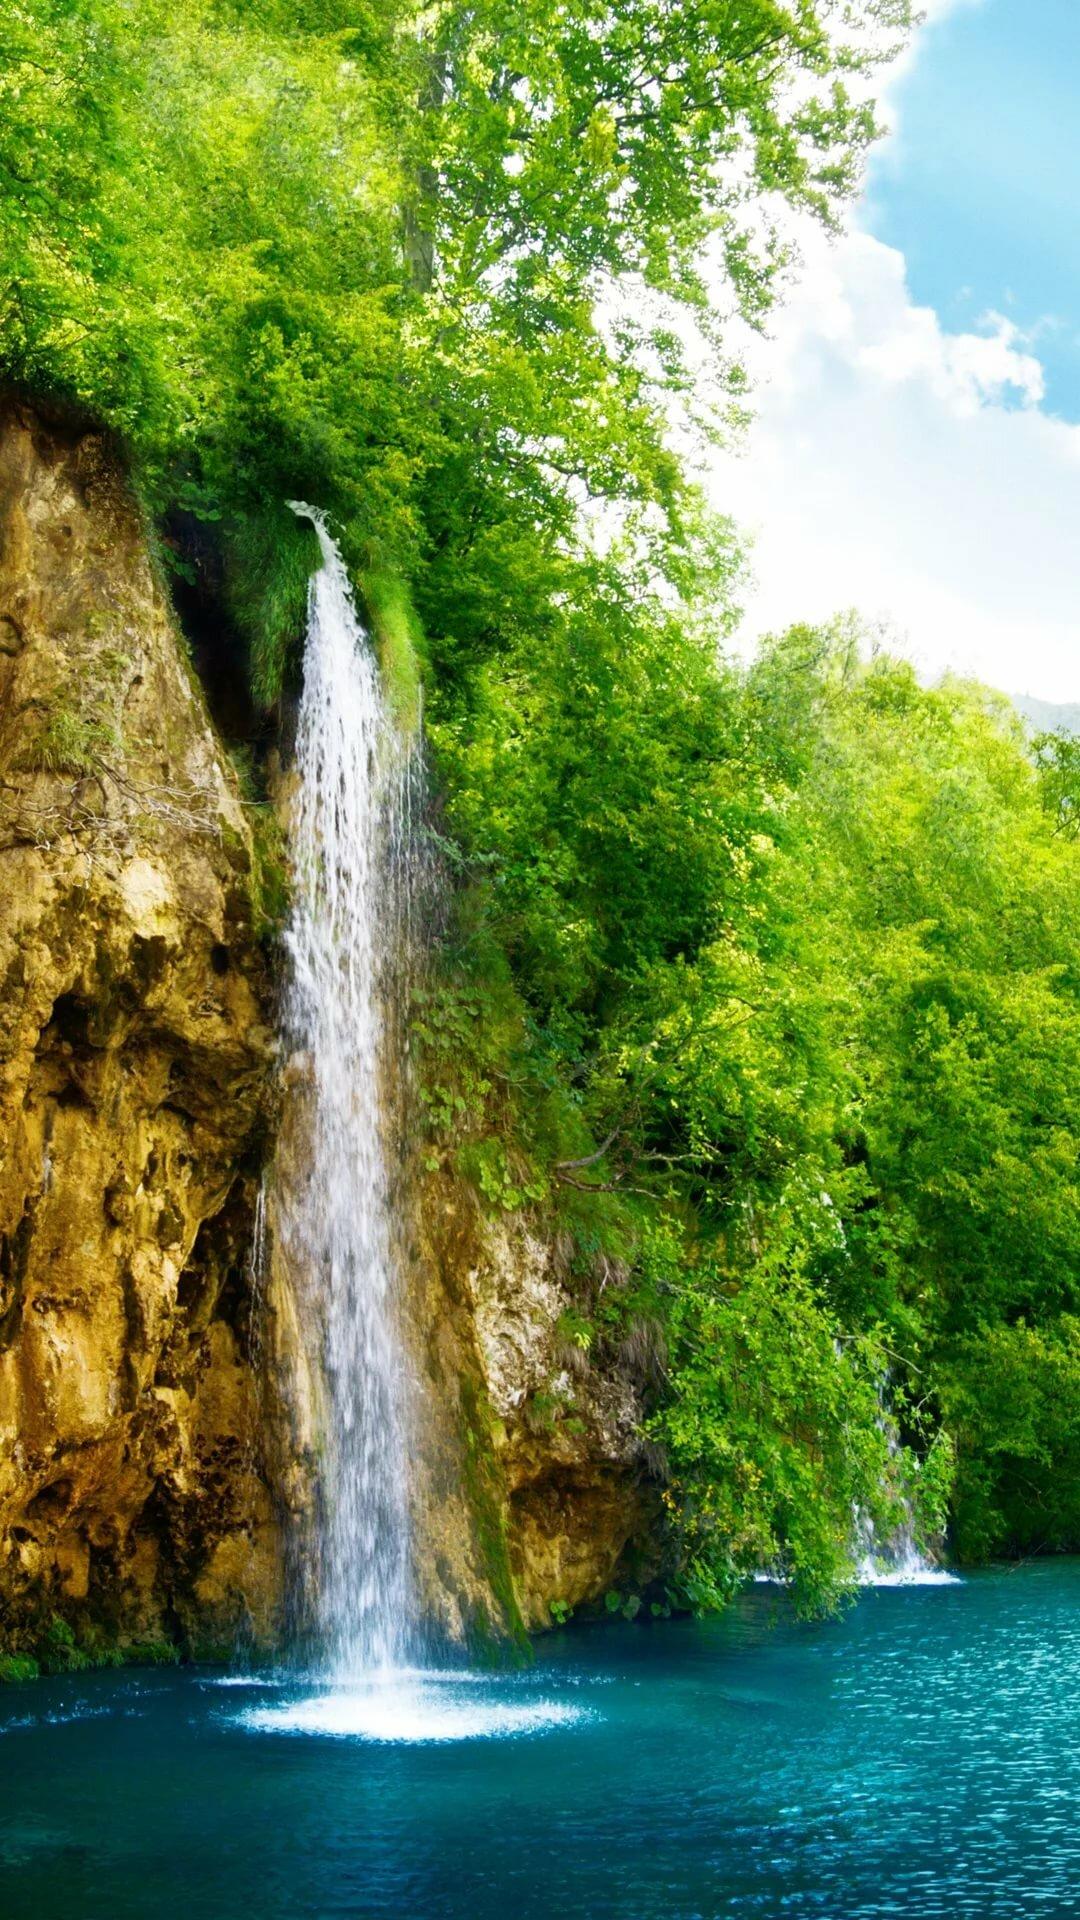 или водопады обои на телефон вертикальные как раздел медицинской